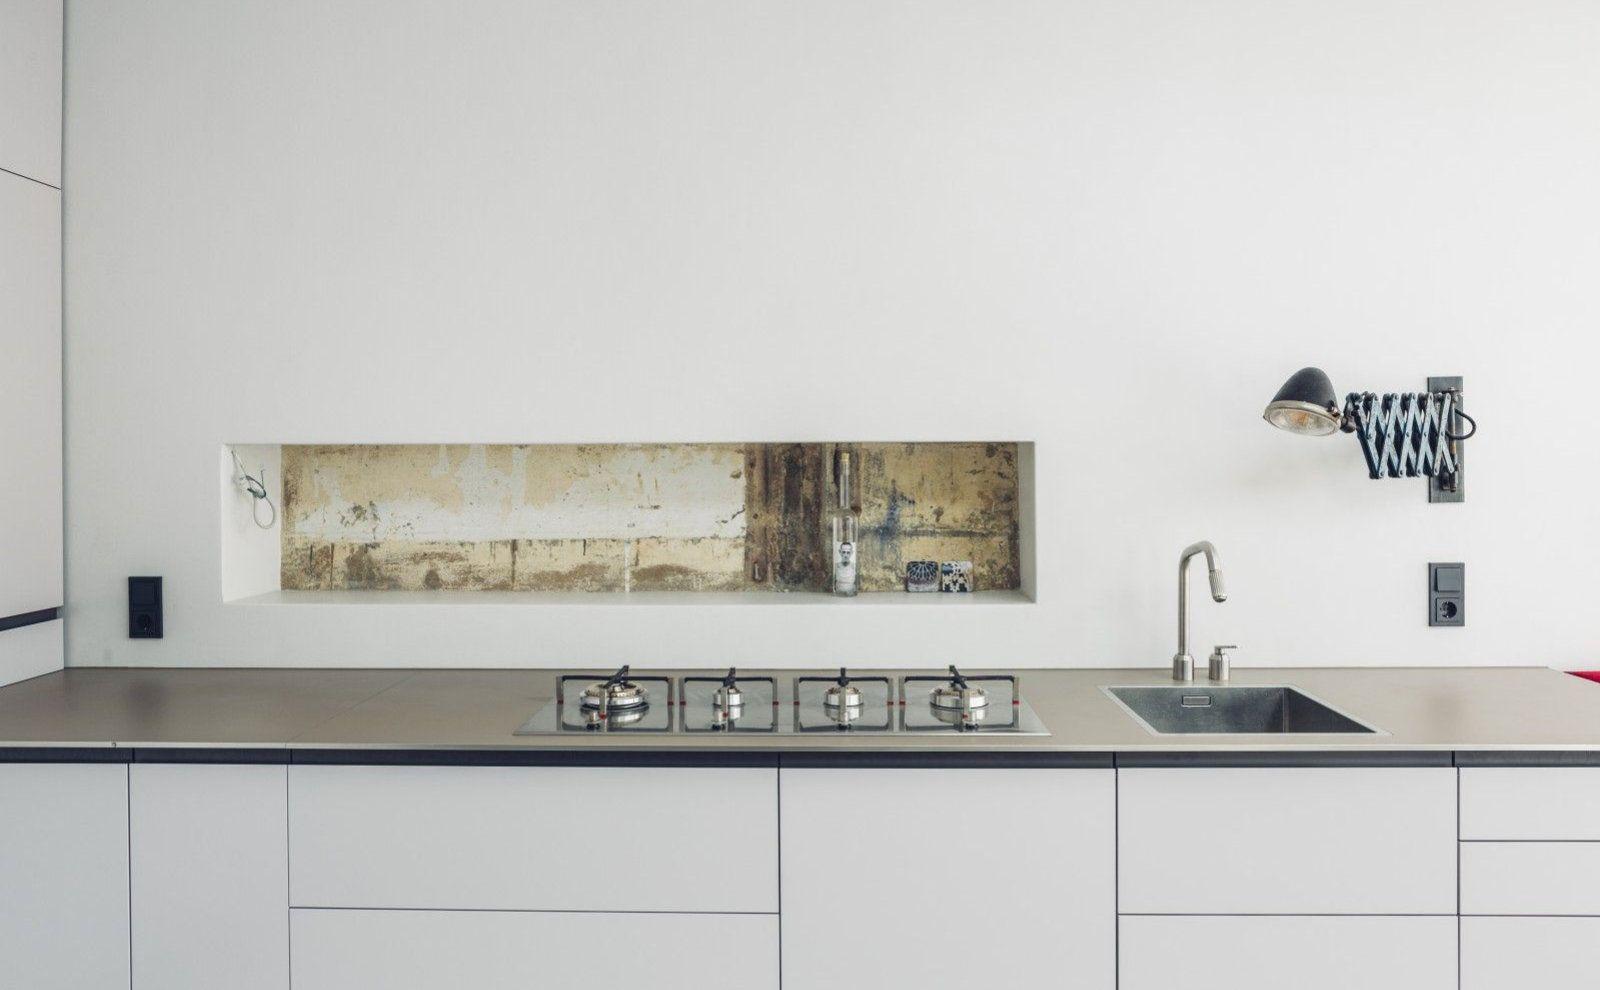 Minimalistische Küche mit sichtbarer Putzstruktur von Haufe Petereit Architekten